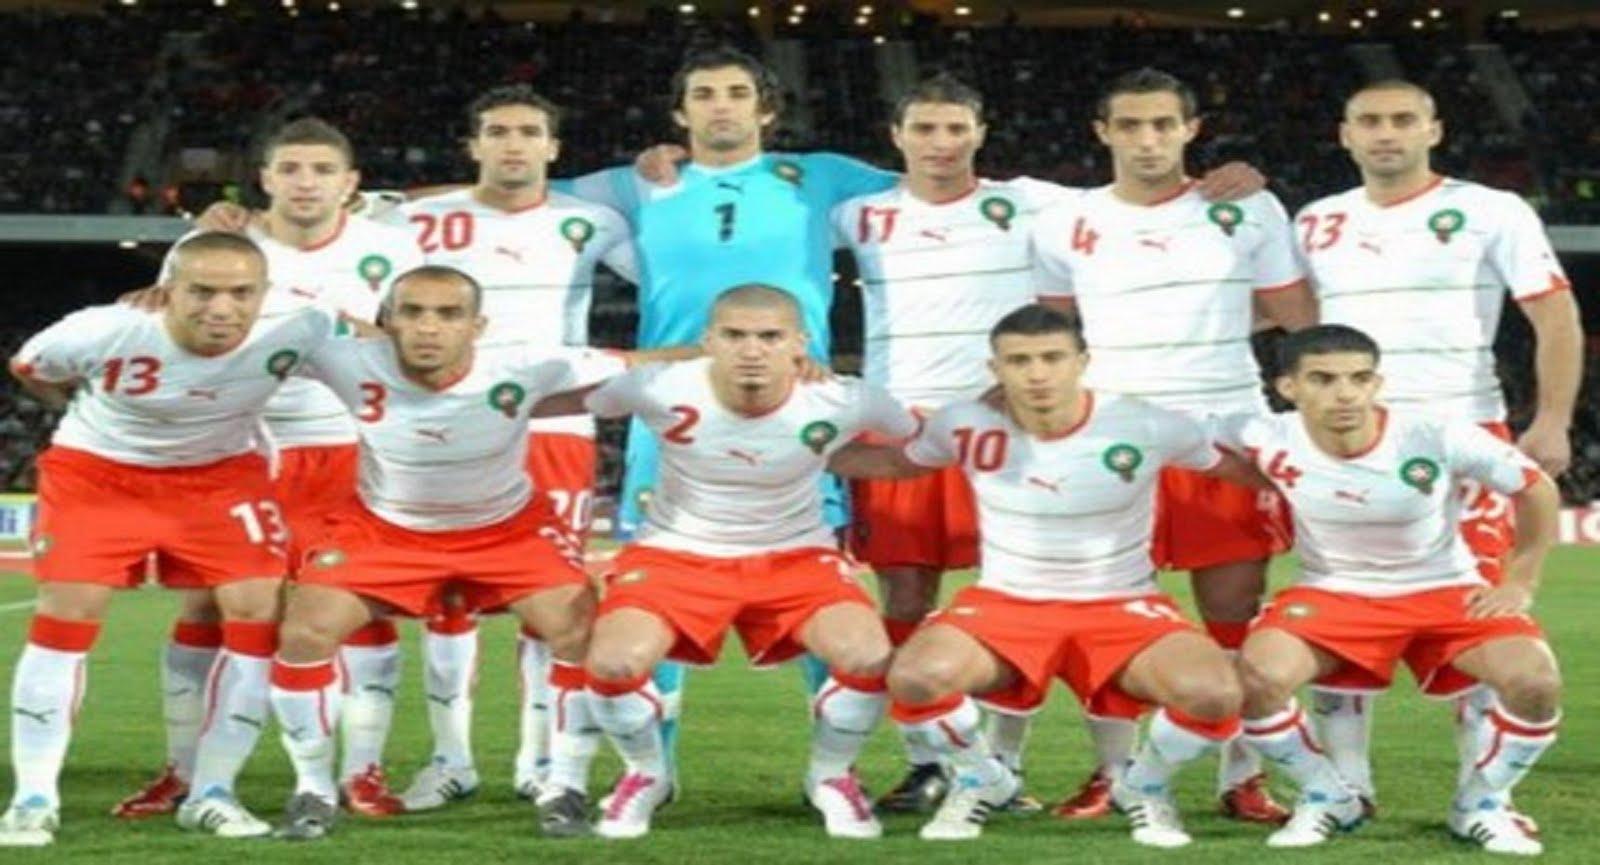 بعض الصورالمنتخب المغربي Lions%2BMorocco%2Bdesert%2Bwarriors%2Bdevour%2BAlgeria